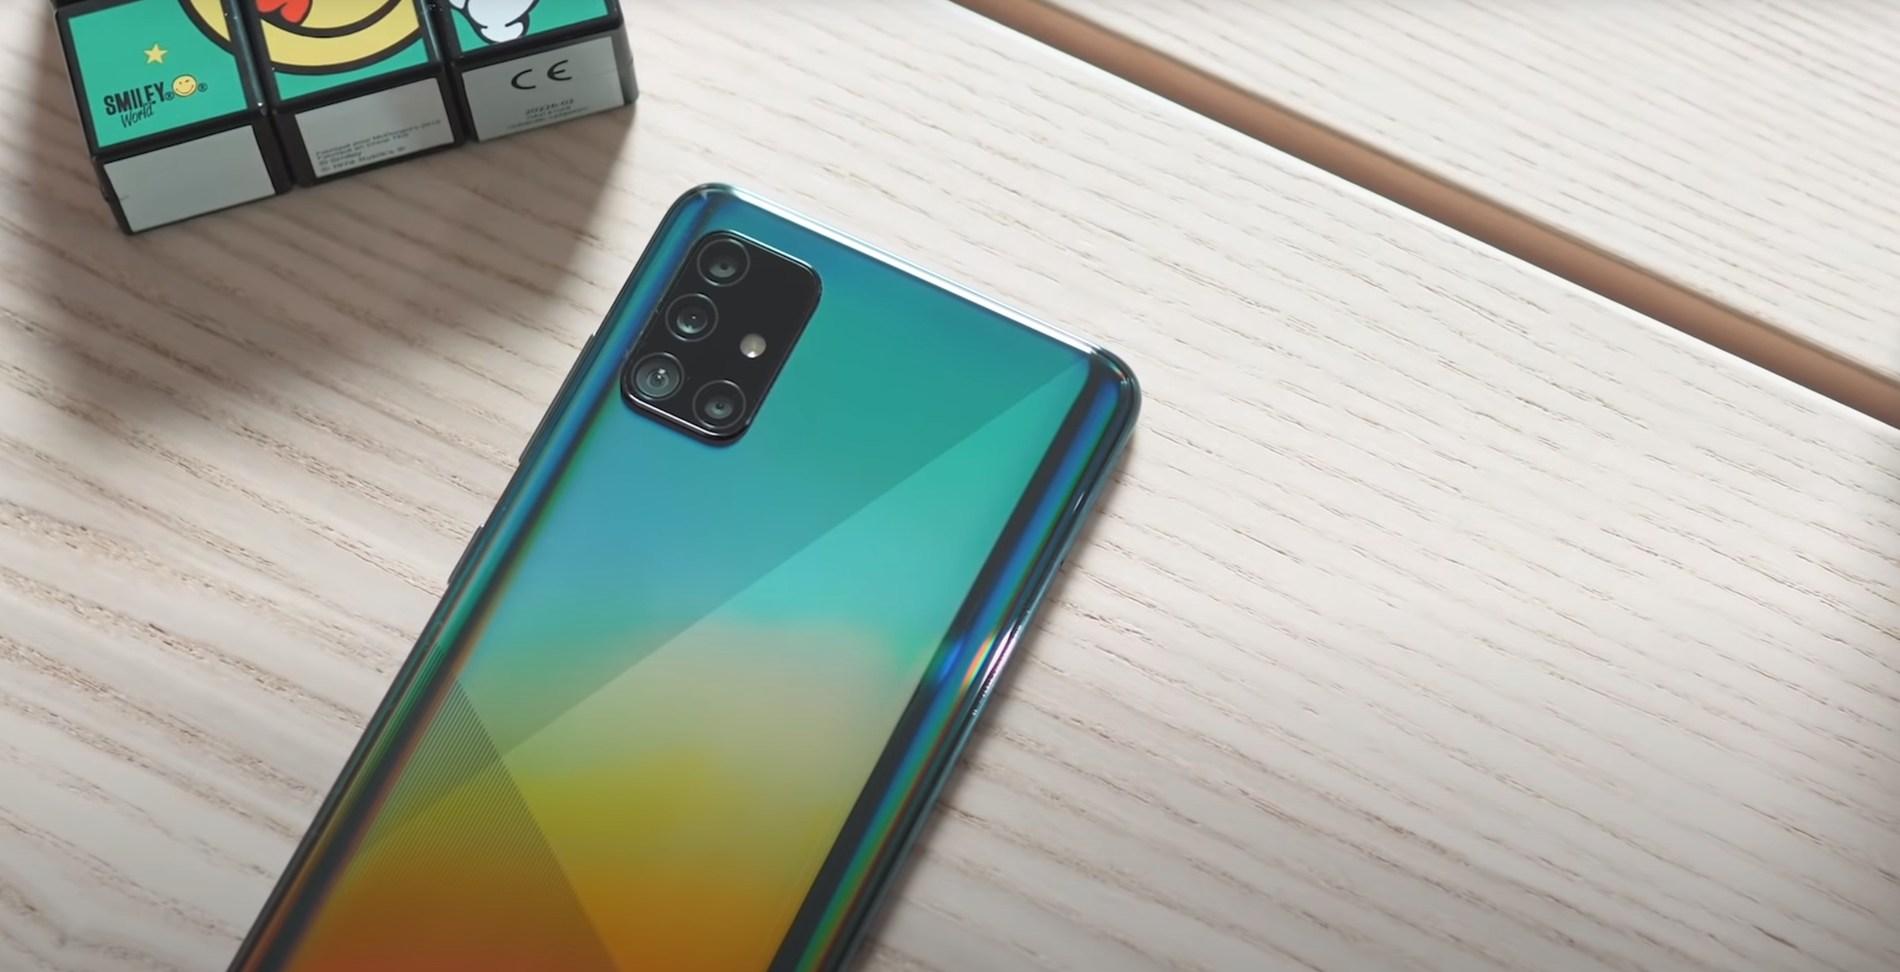 Le Galaxy A51 est à moins de 300 euros avec ou sans forfait mobile